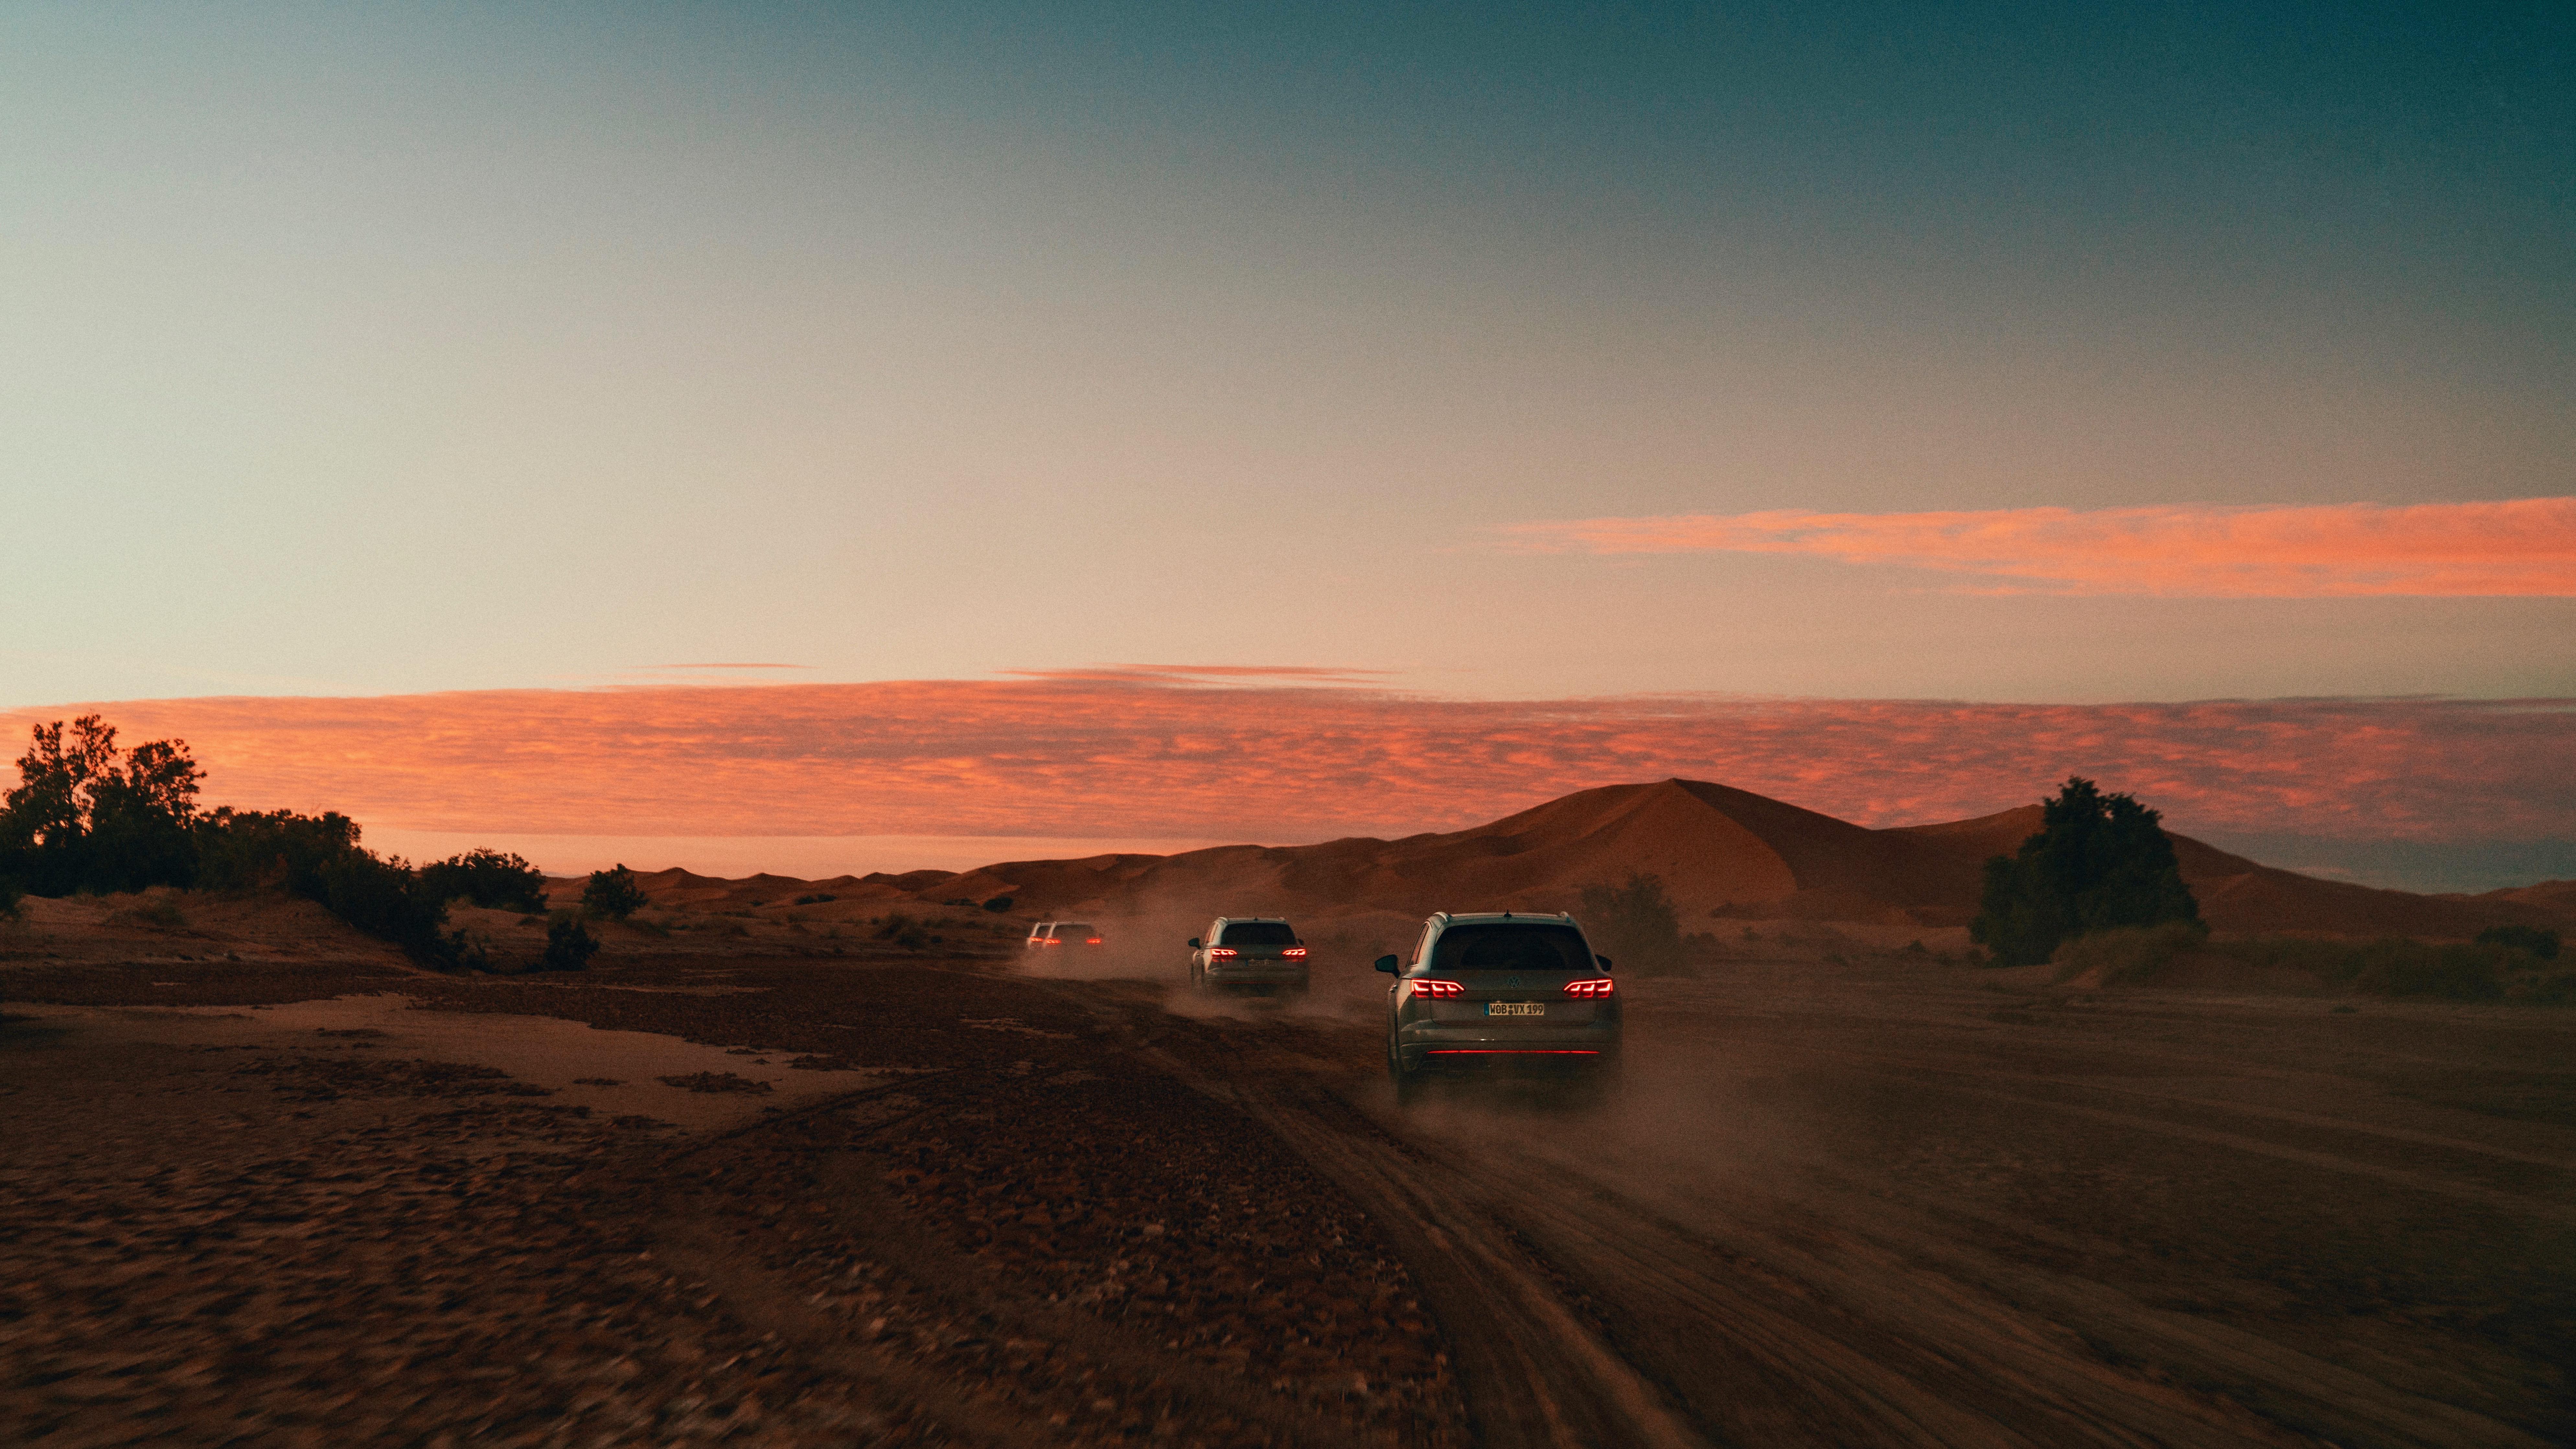 Touareg desert dusk arrival